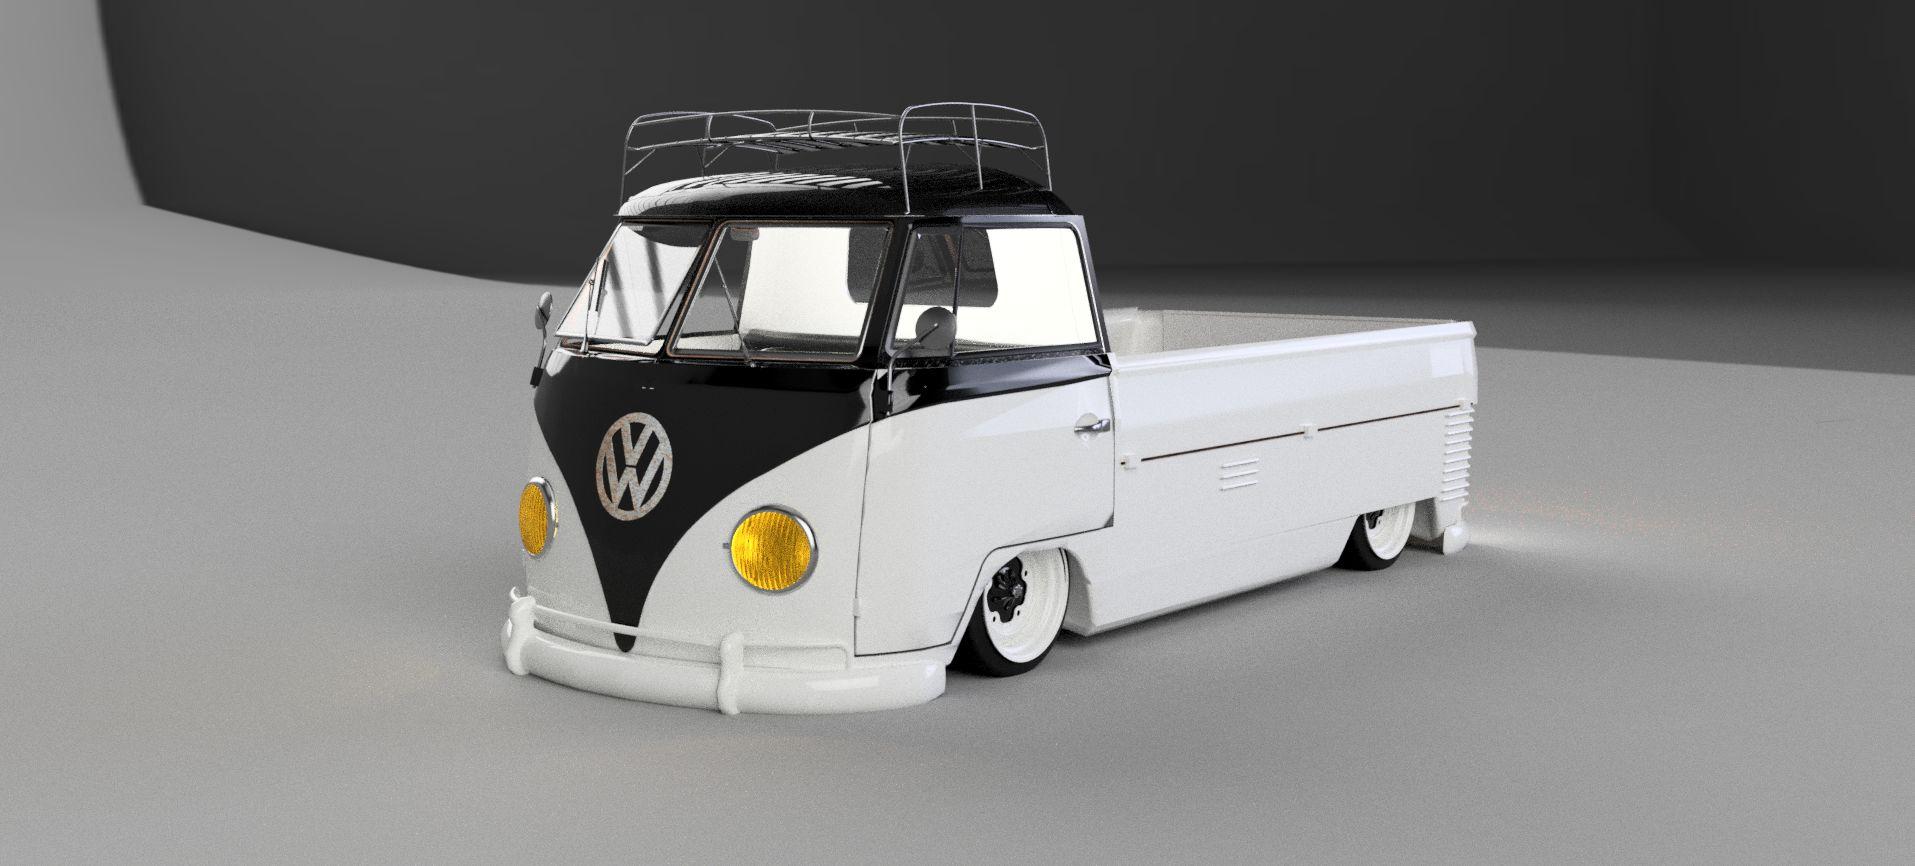 Single-cab-v15-white-3500-3500